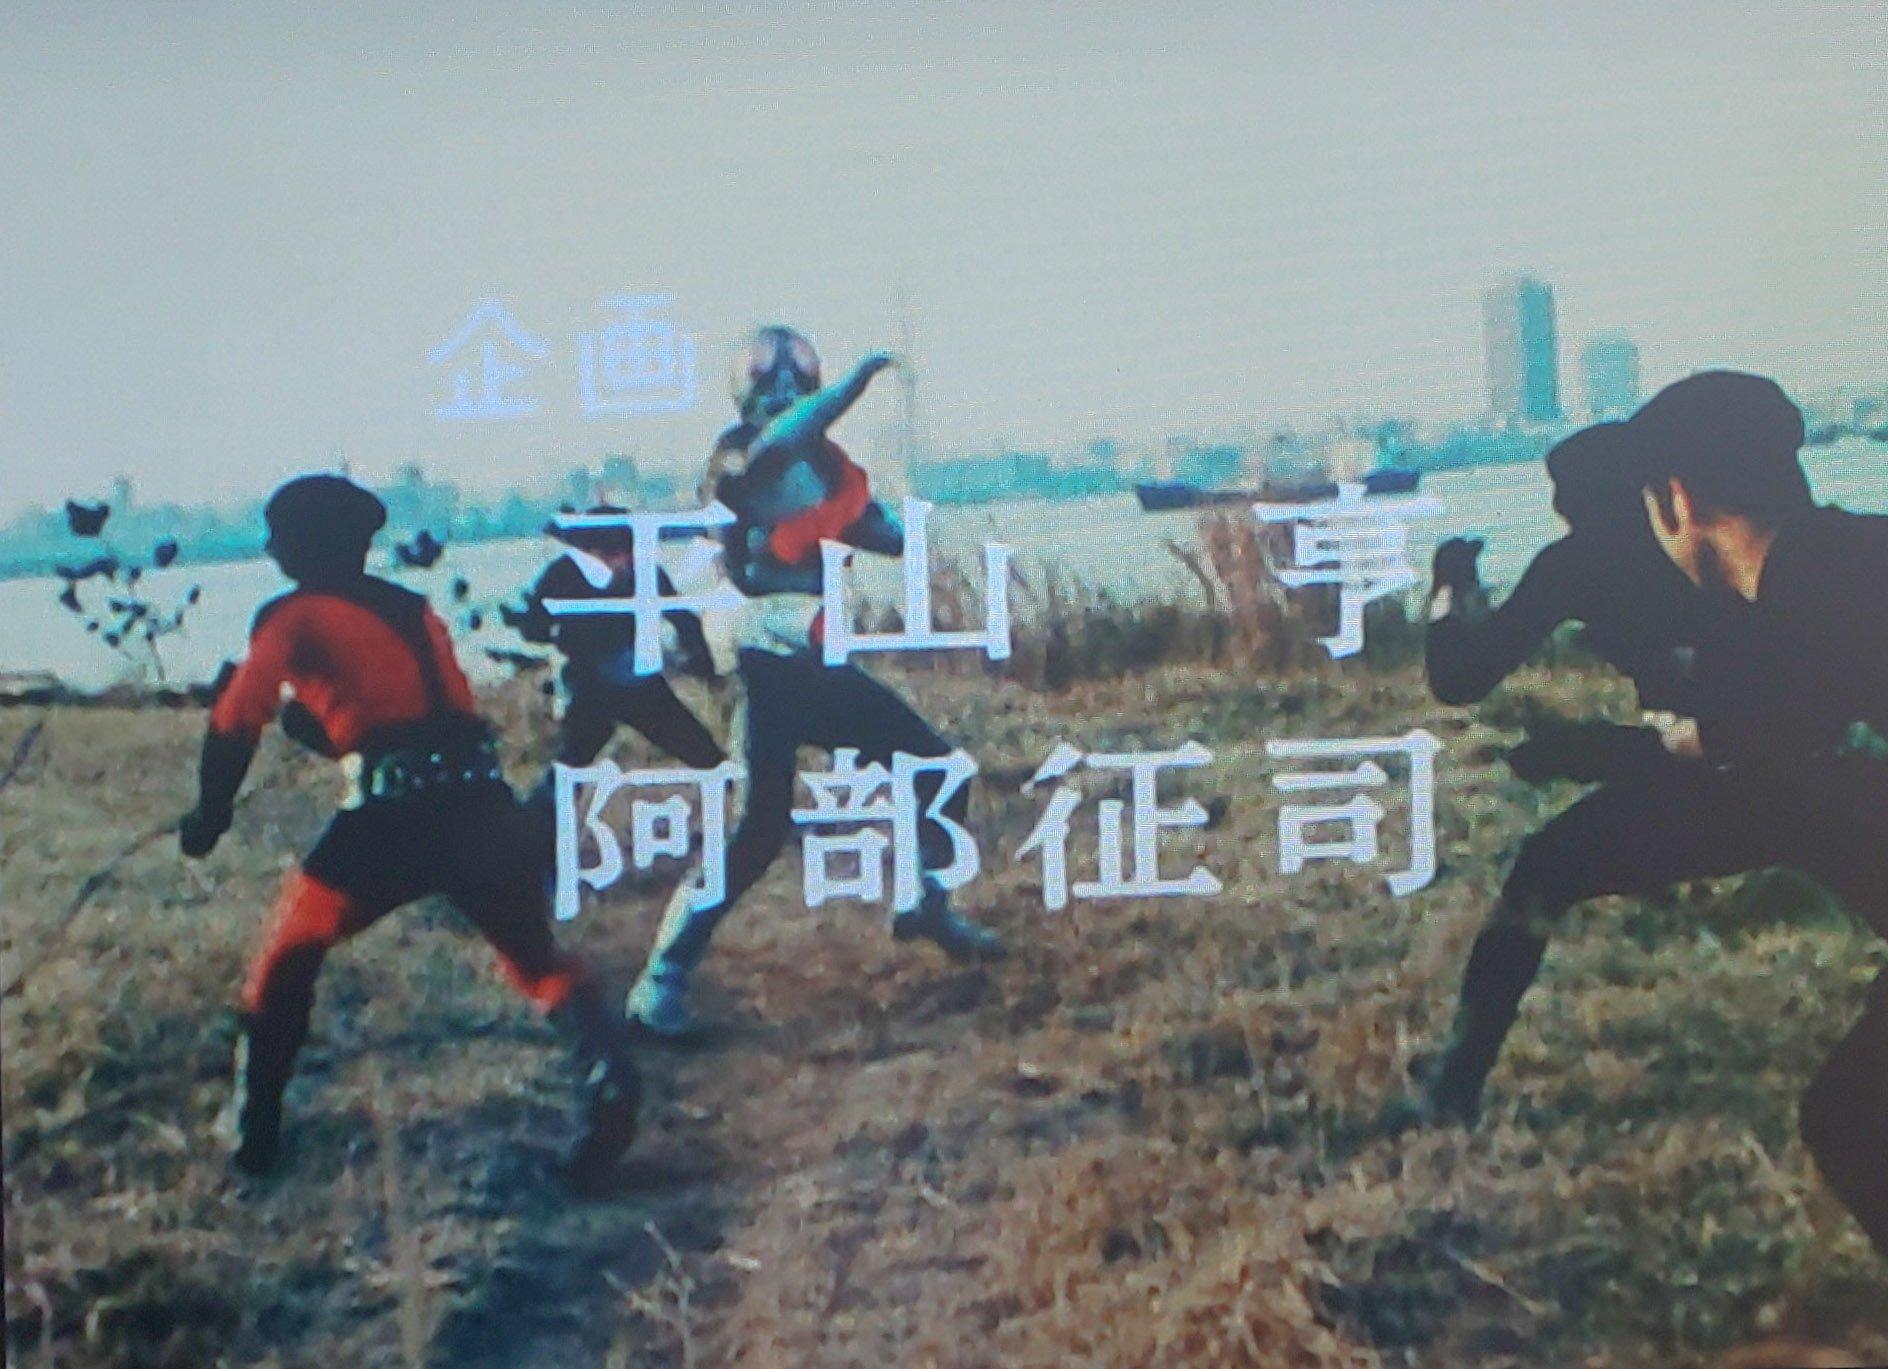 今ではありえない!続100名城・品川台場での仮面ライダー格闘シーン【連載:アキラの着目】